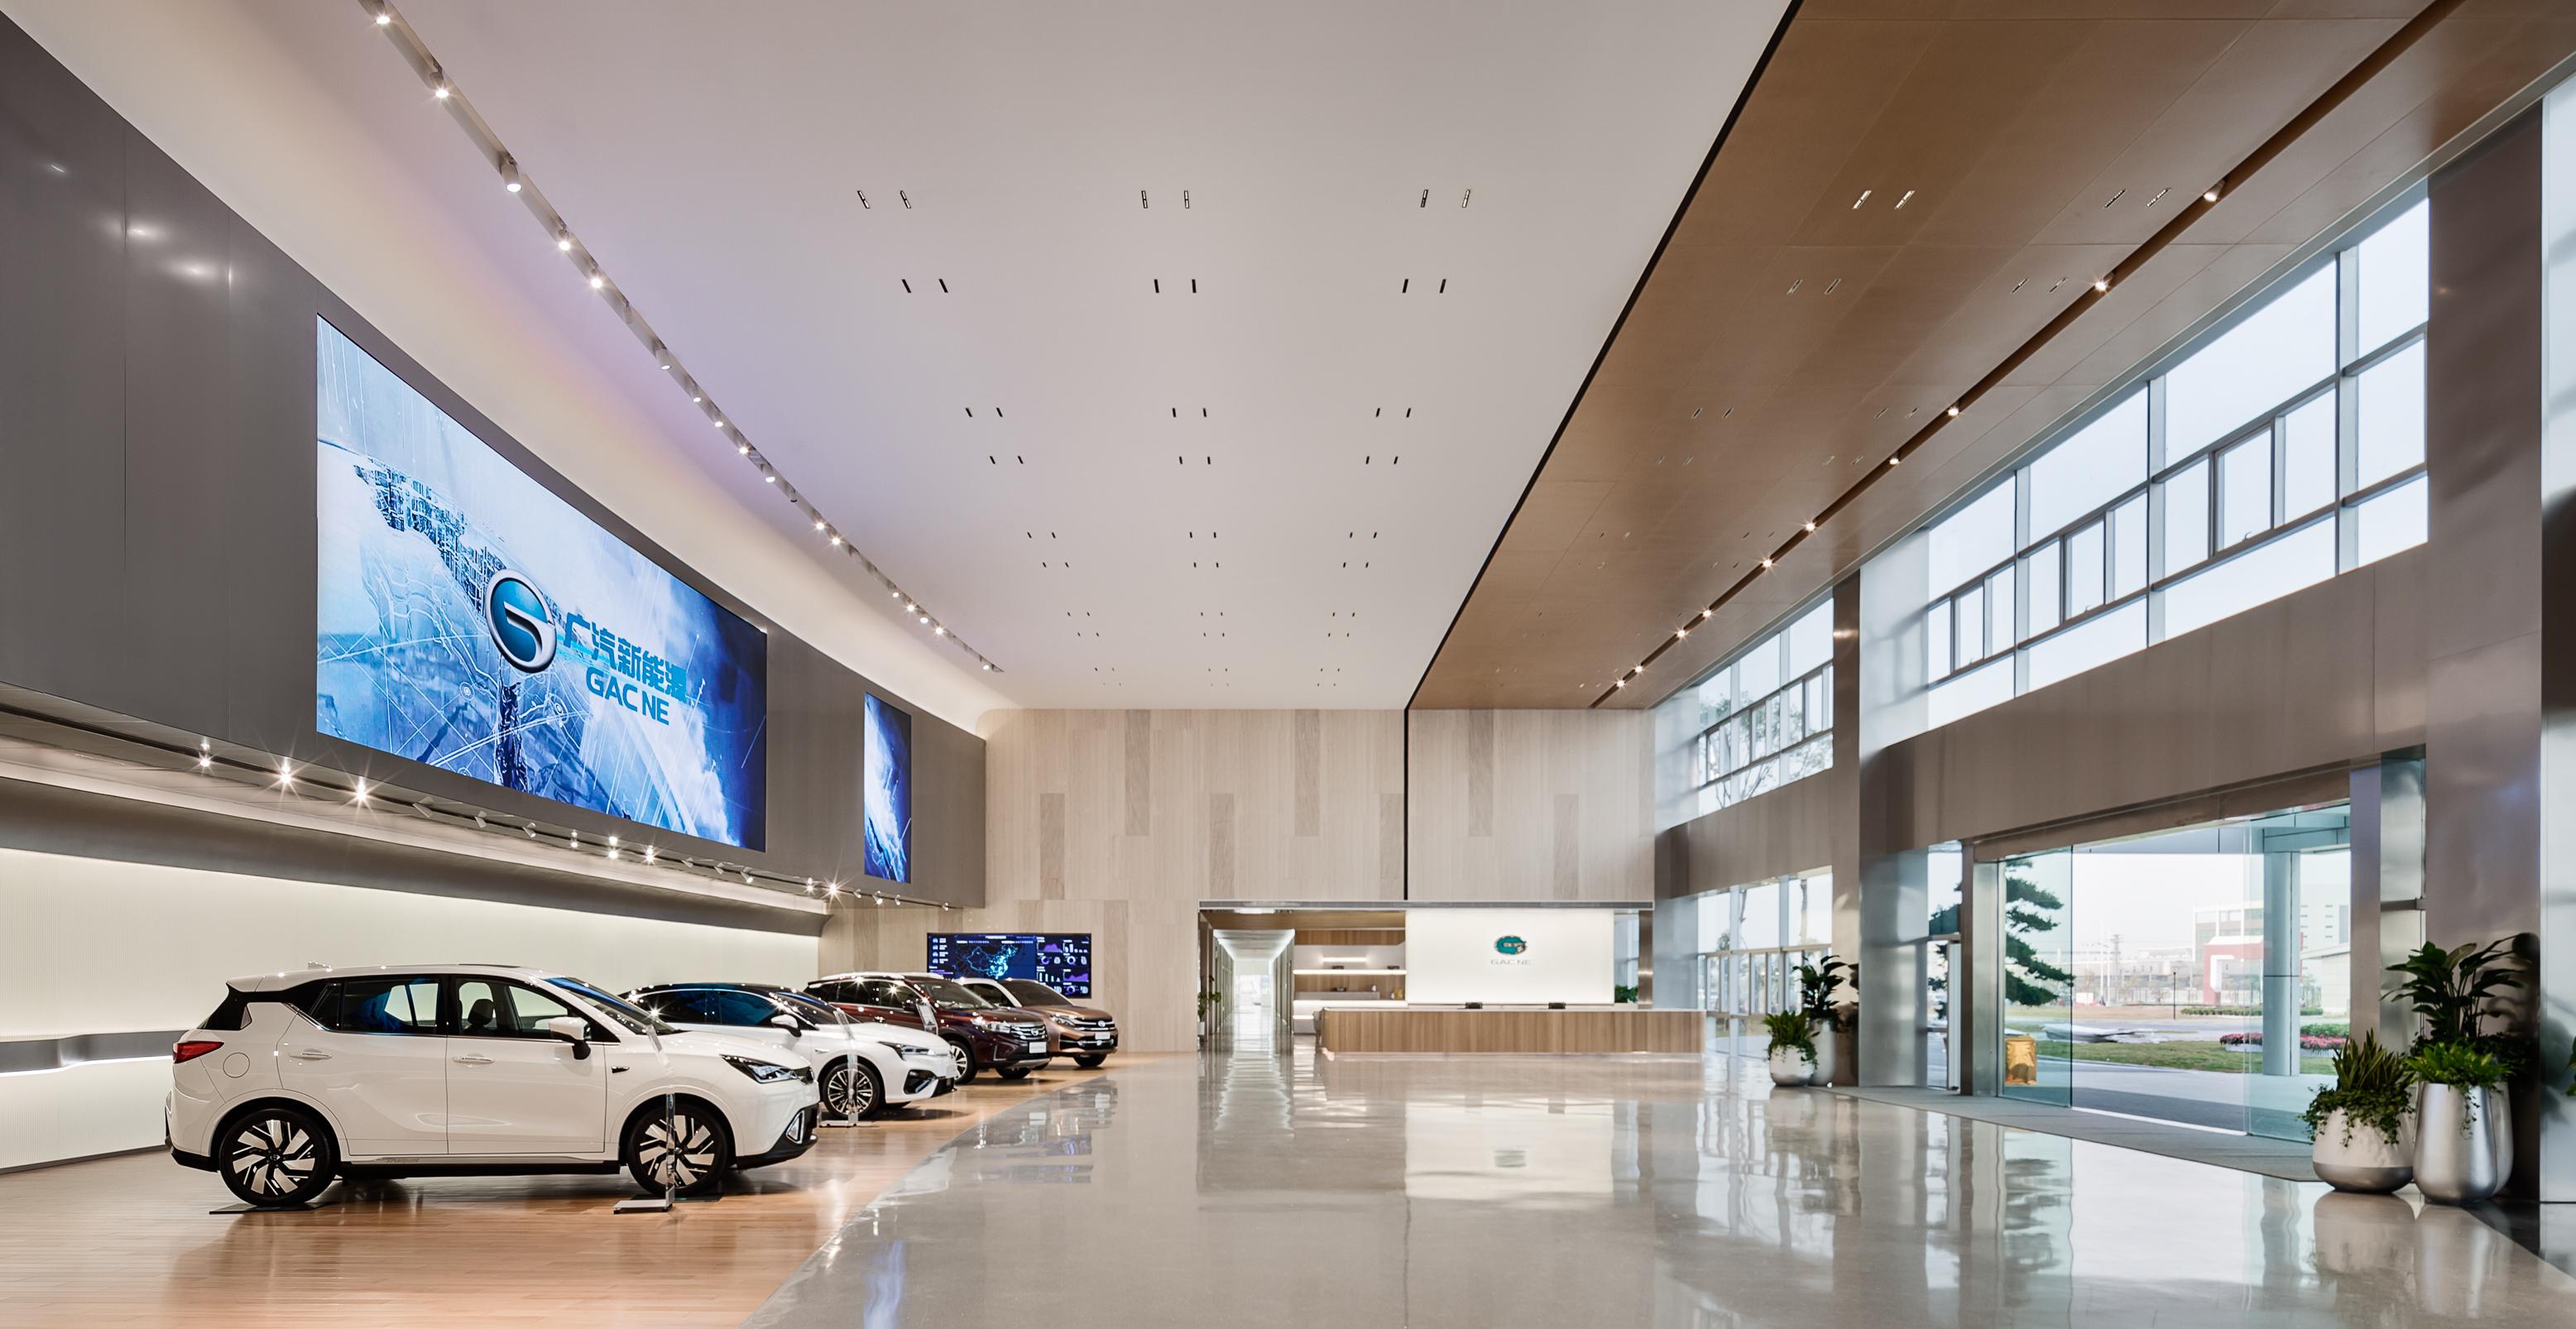 广汽集团_广汽新能源总部展厅-广州和玥装饰设计工程有限公司